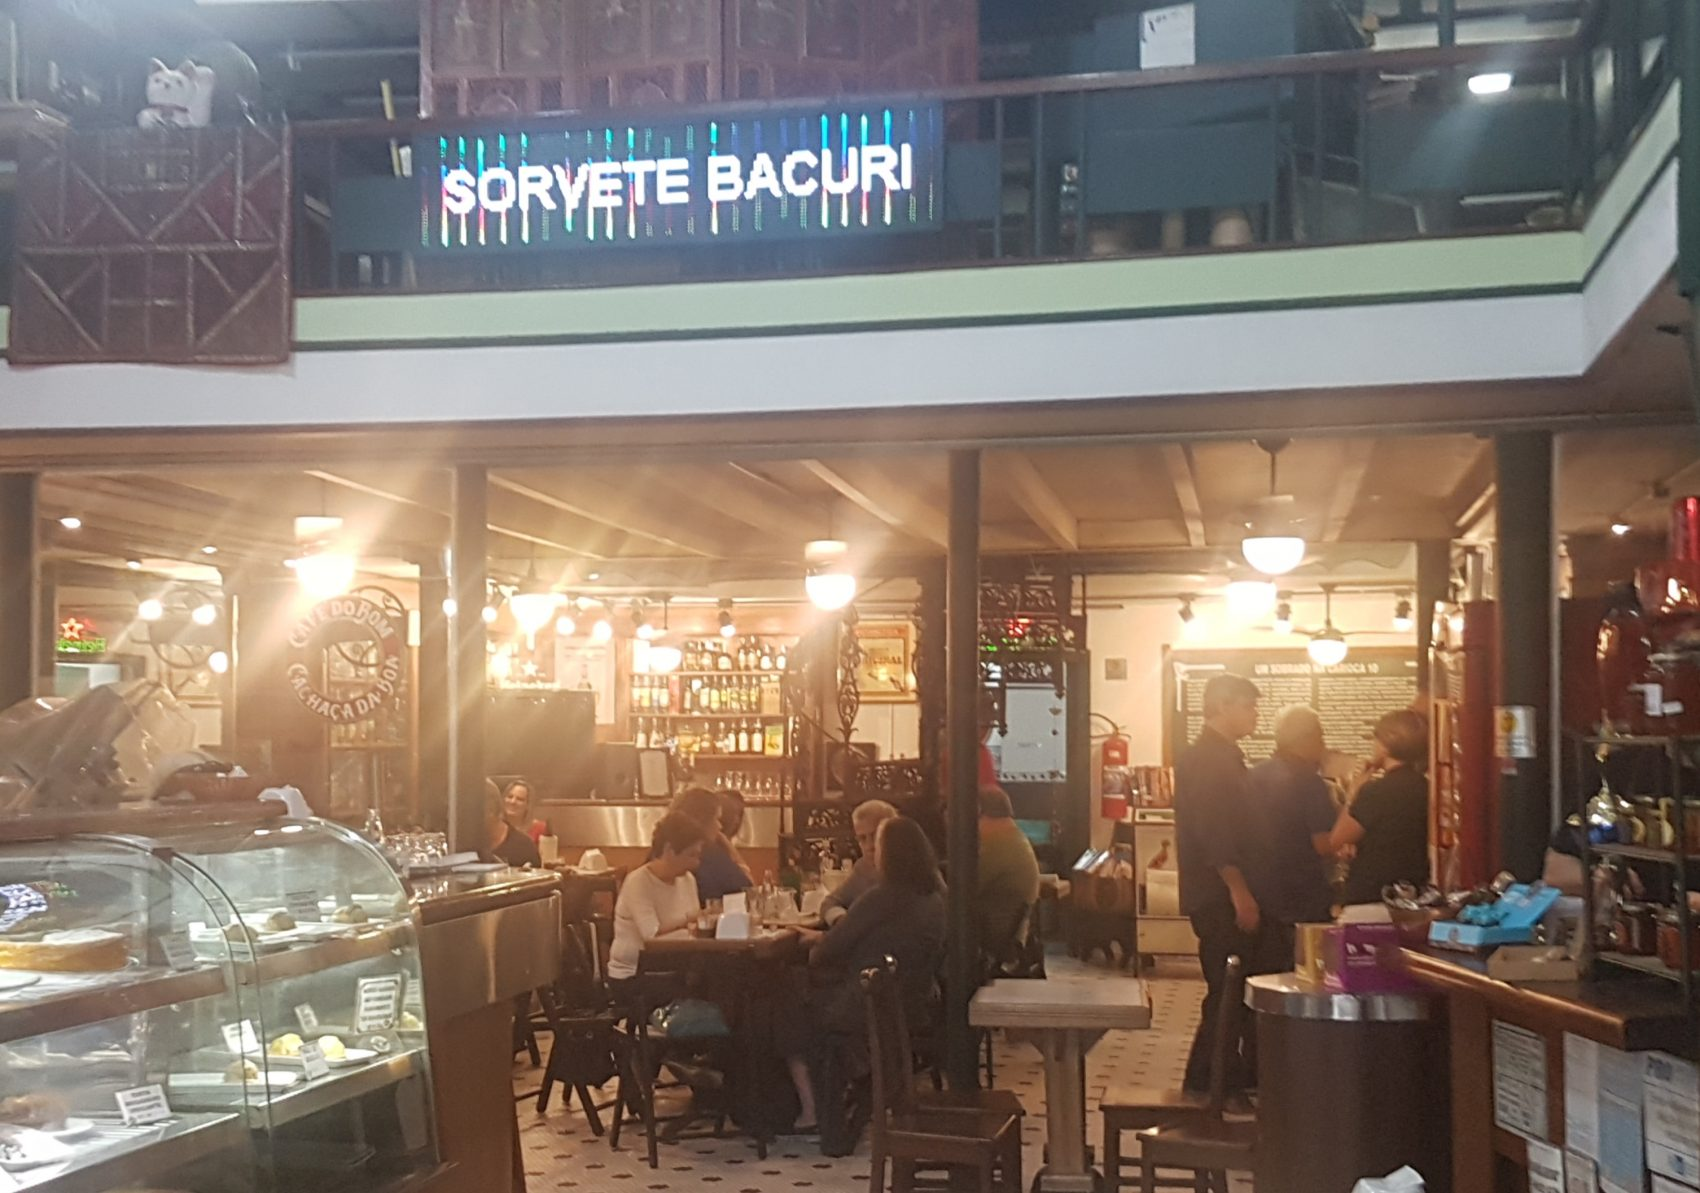 Café do Bom, Cachaça da Boa, instalado em sobrado centenário: Rua da Carioca é mais do que o Bar Luiz (Foto: Oscar Valporto)